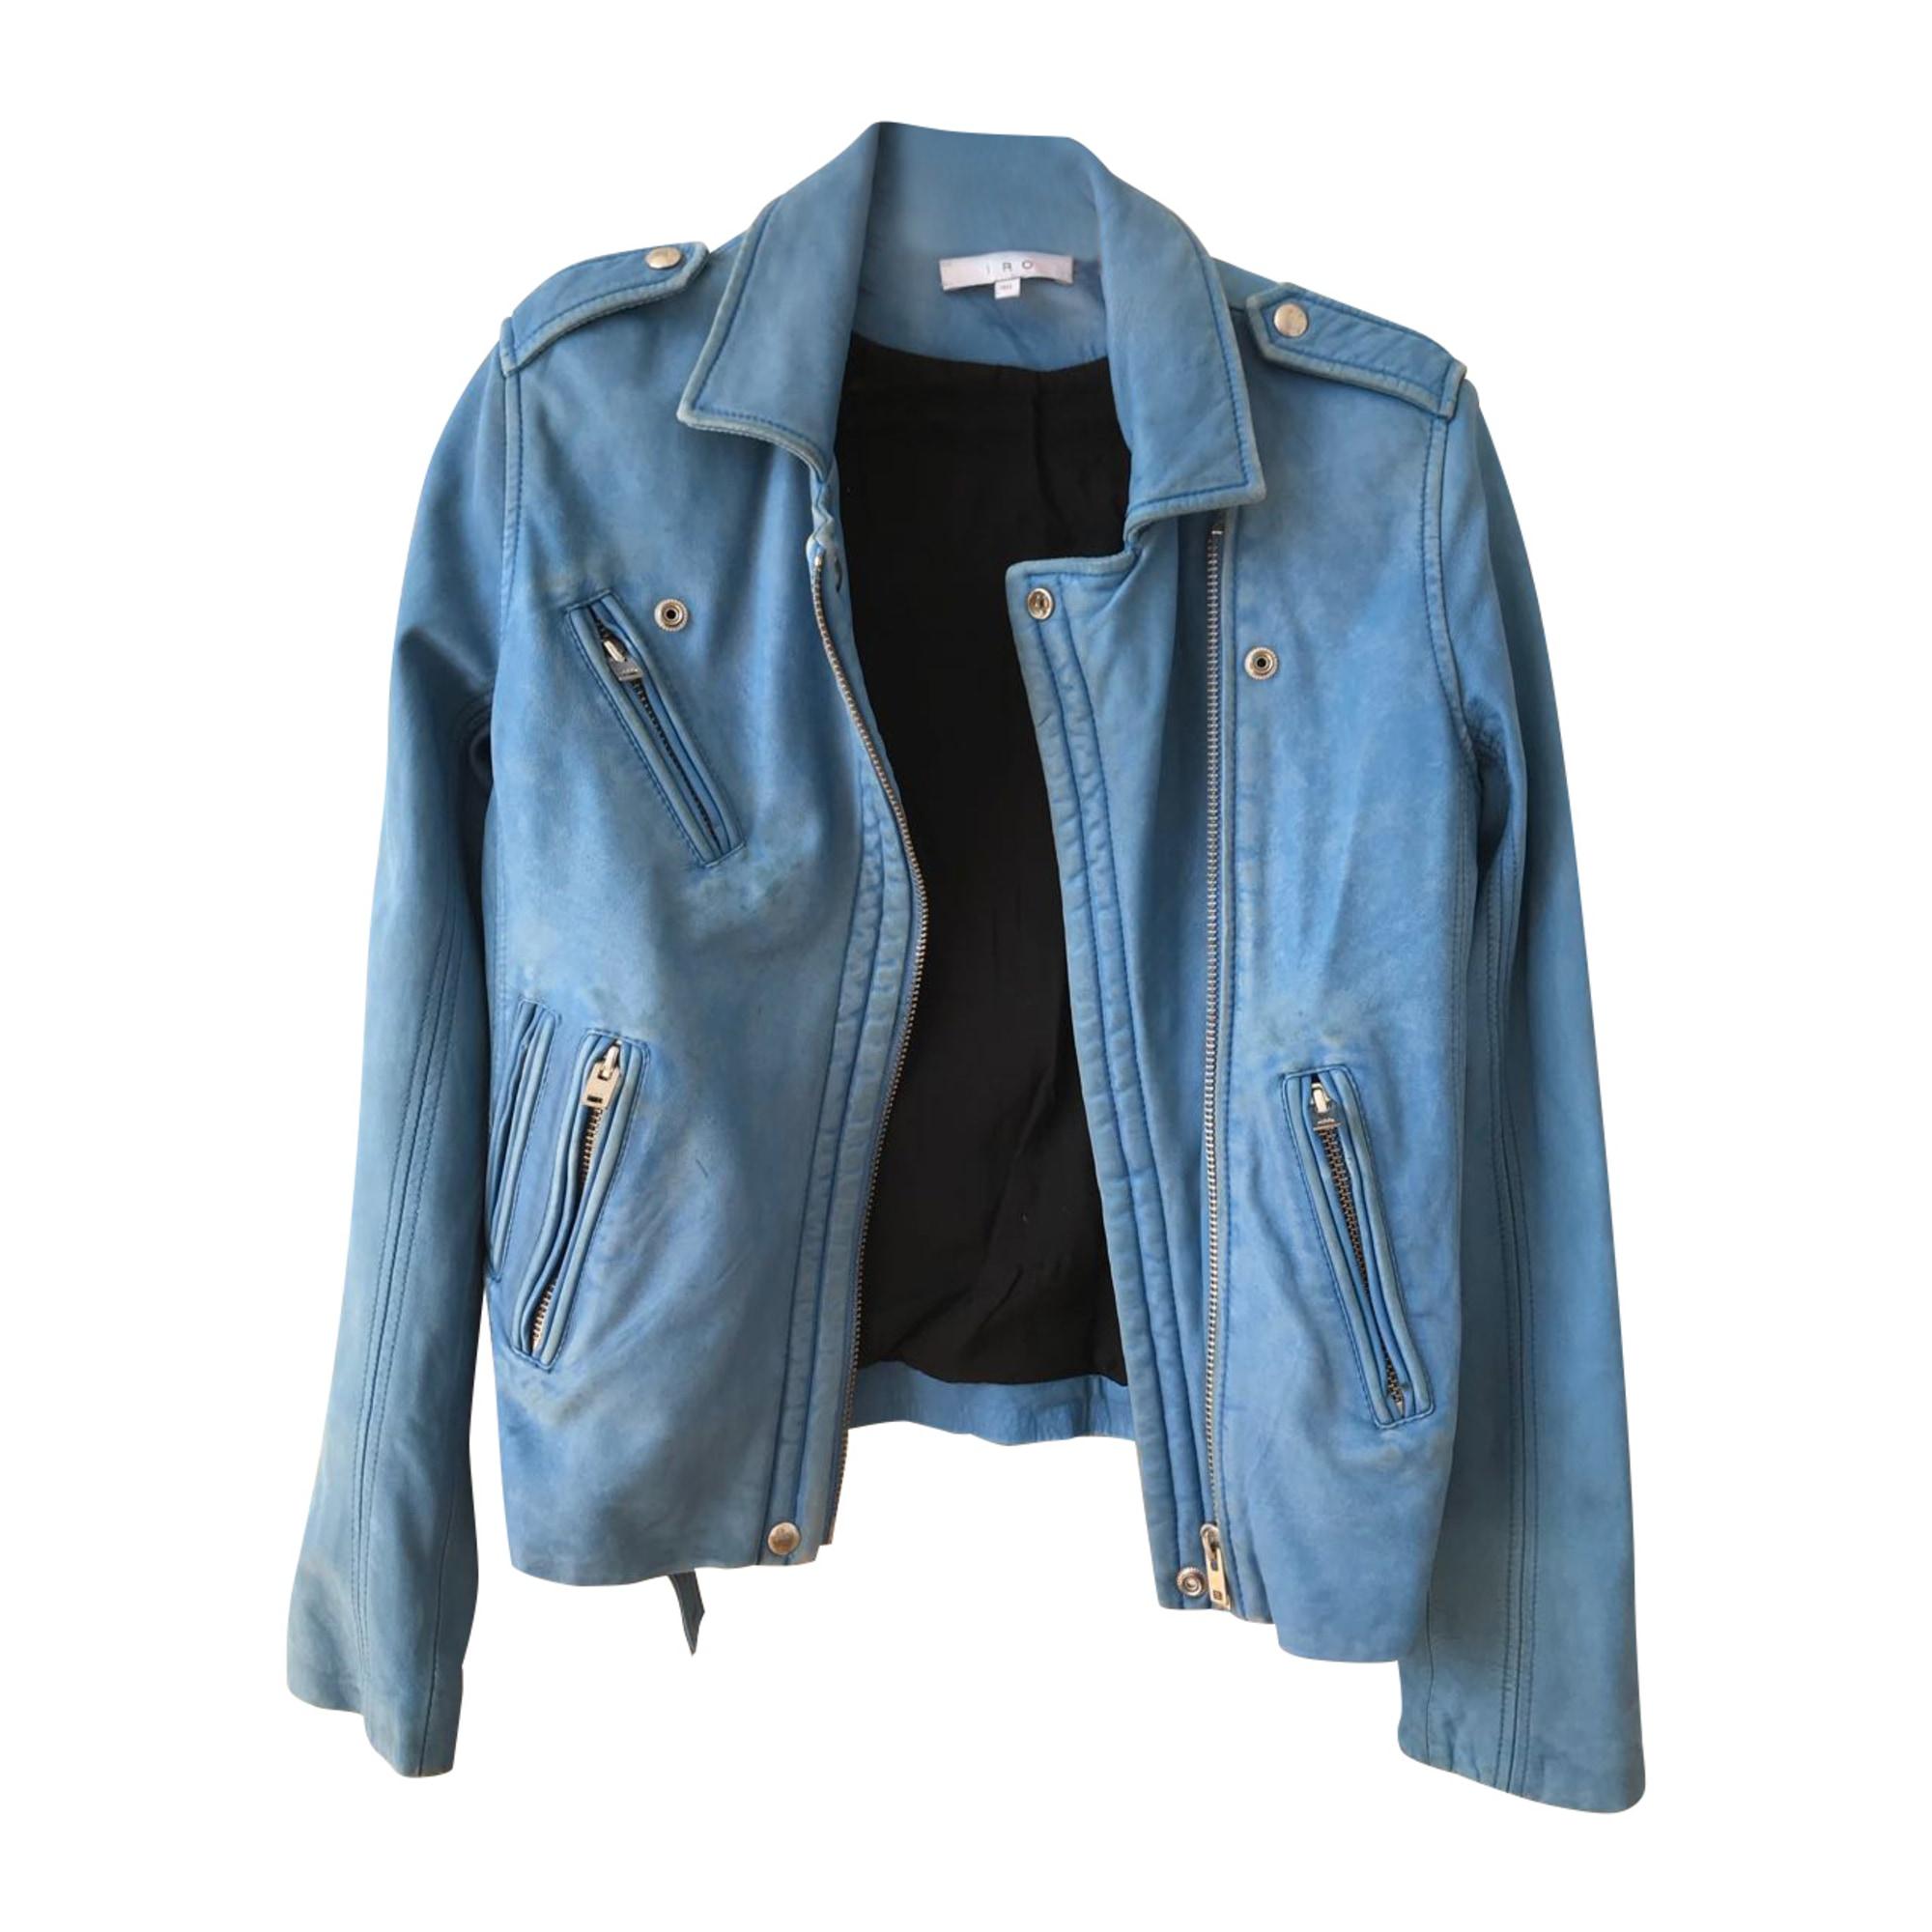 Leather Jacket IRO Blue, navy, turquoise